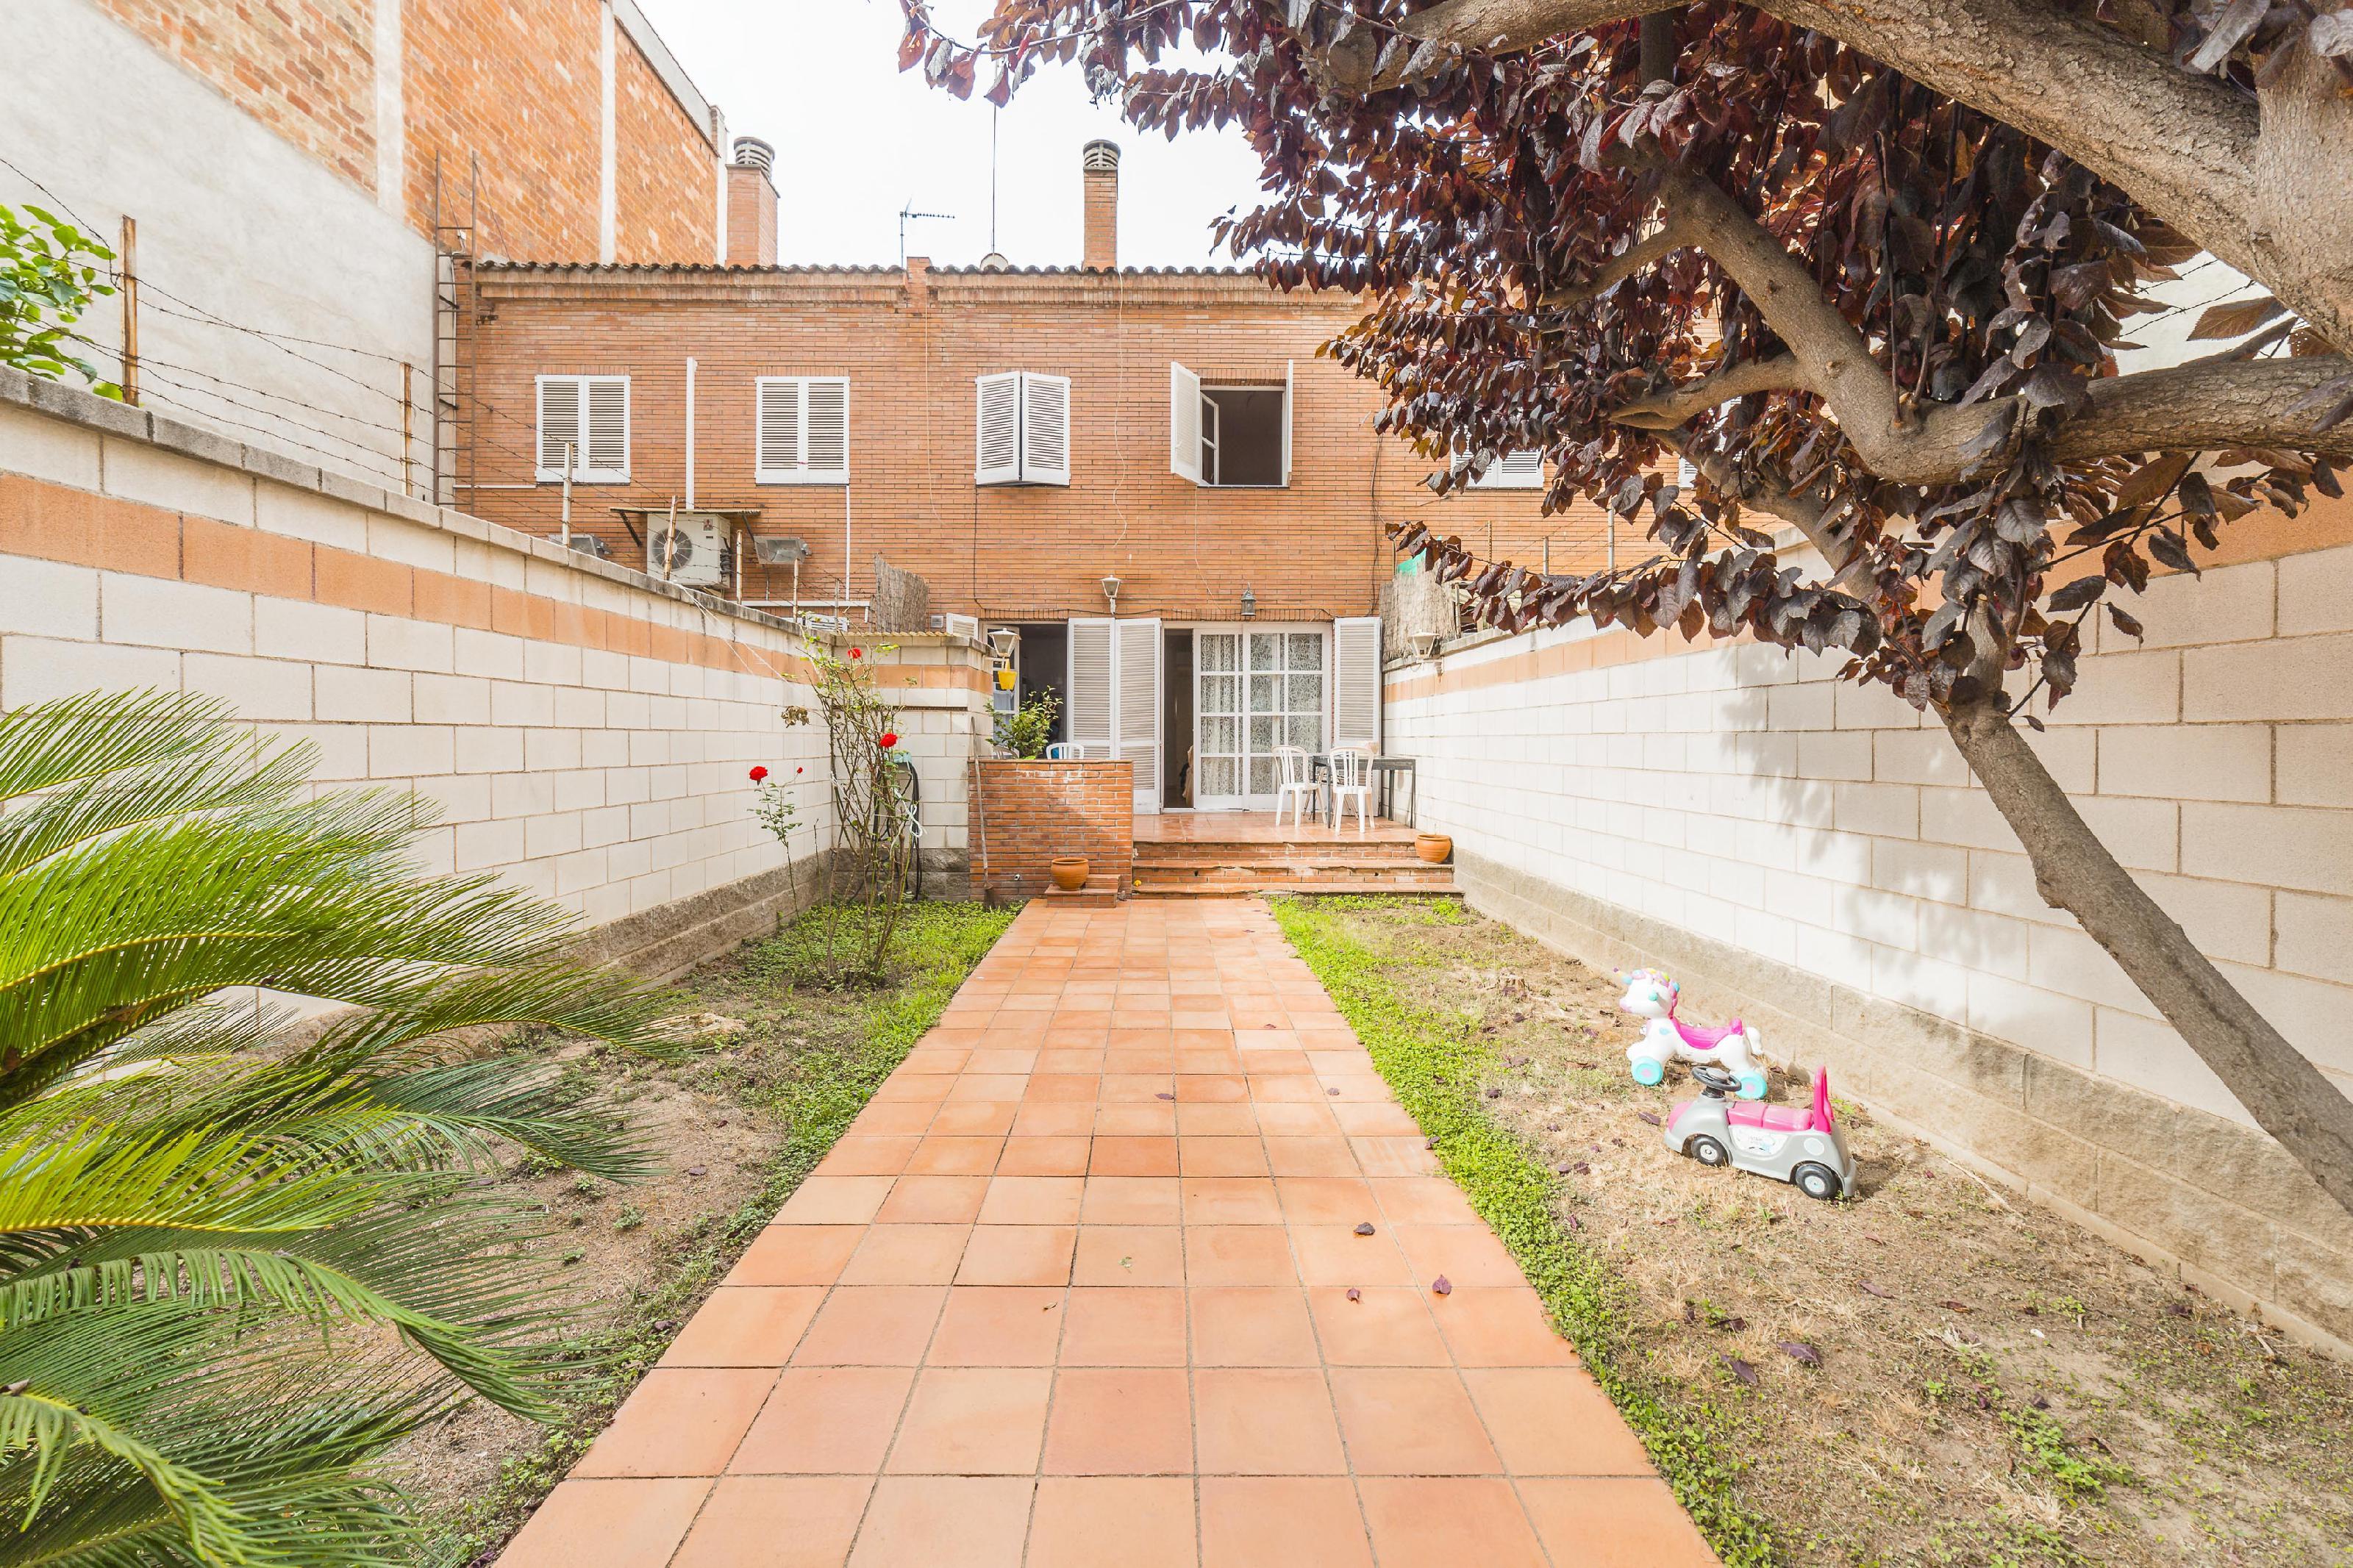 172964 Casa Pareada en venda en Gràcia, Vila de Gràcia 1